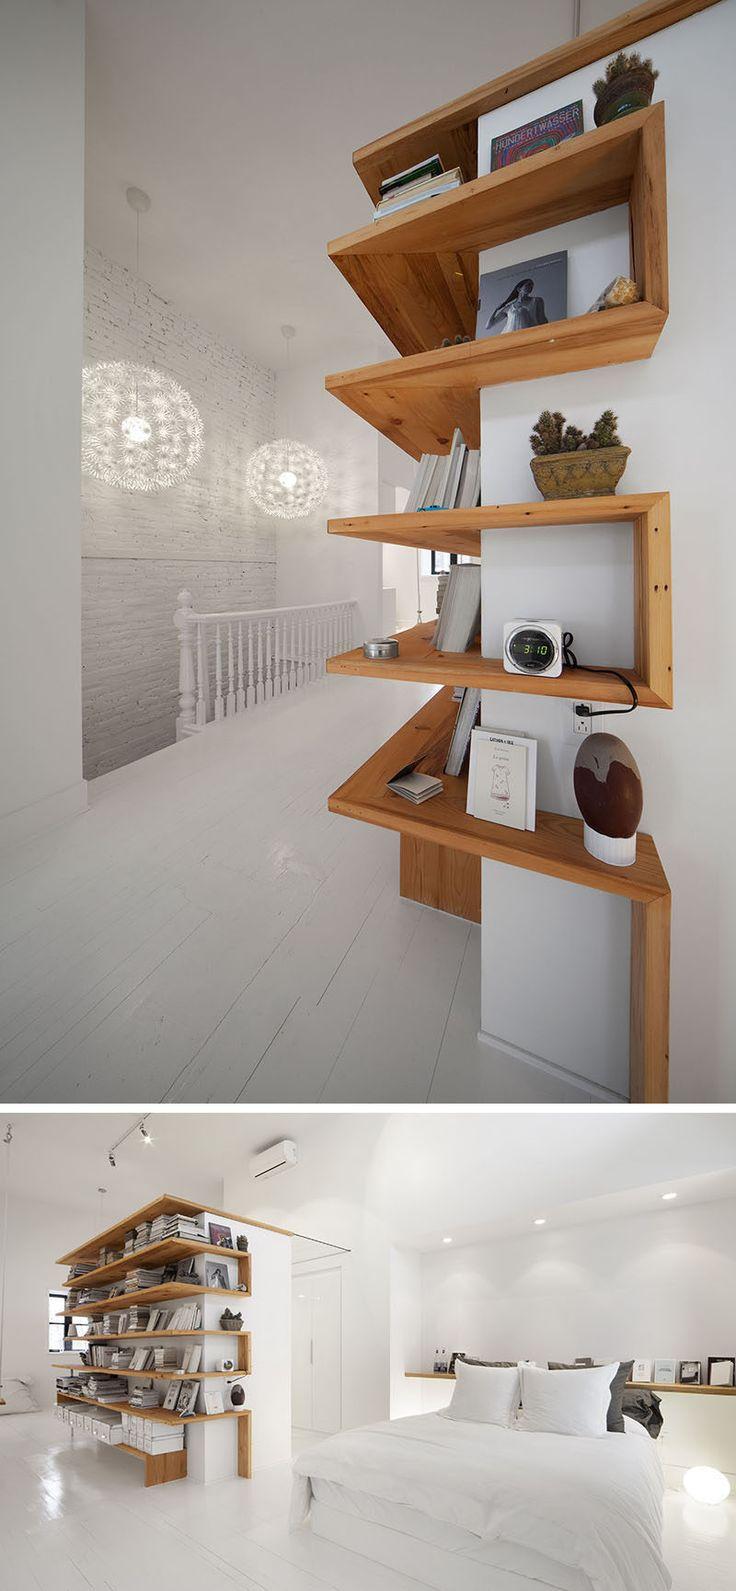 ESTANTES IDEA - Prateleiras que envolvem em torno Corners // Este loft tem prateleiras que envolvem a parede central para ajudar a…